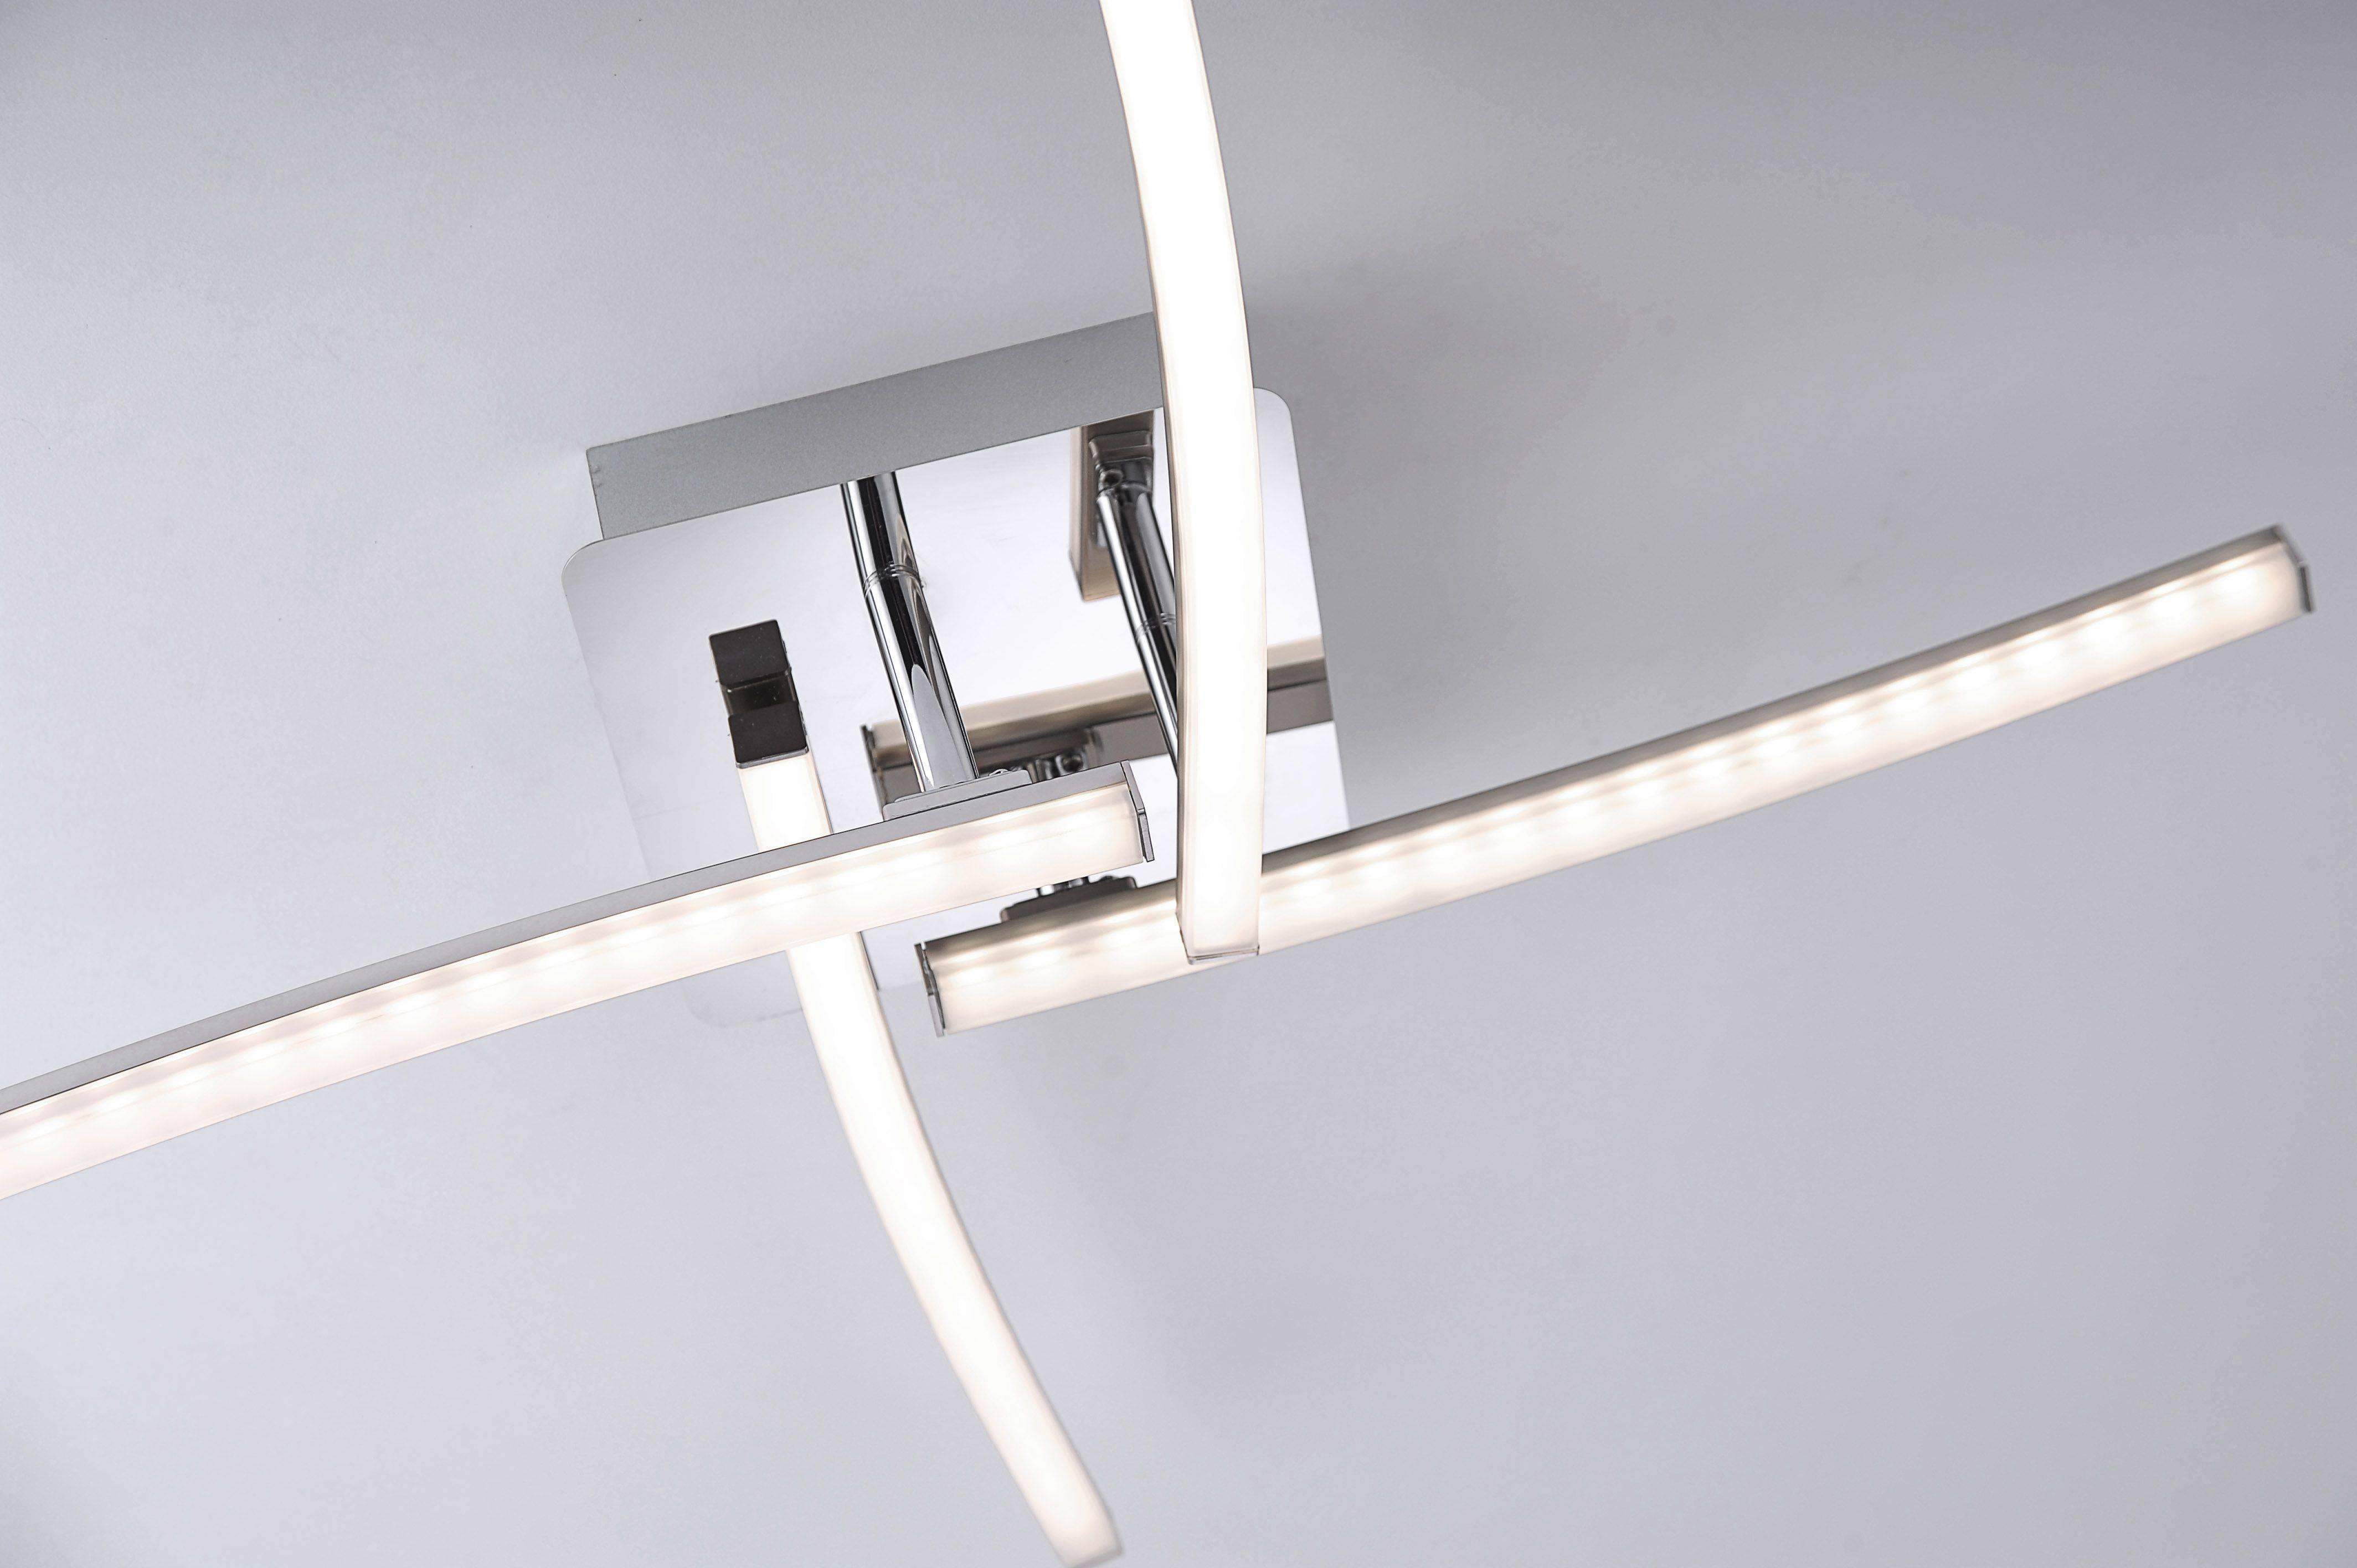 LED Deckenleuchte, stahl, 4-flammig